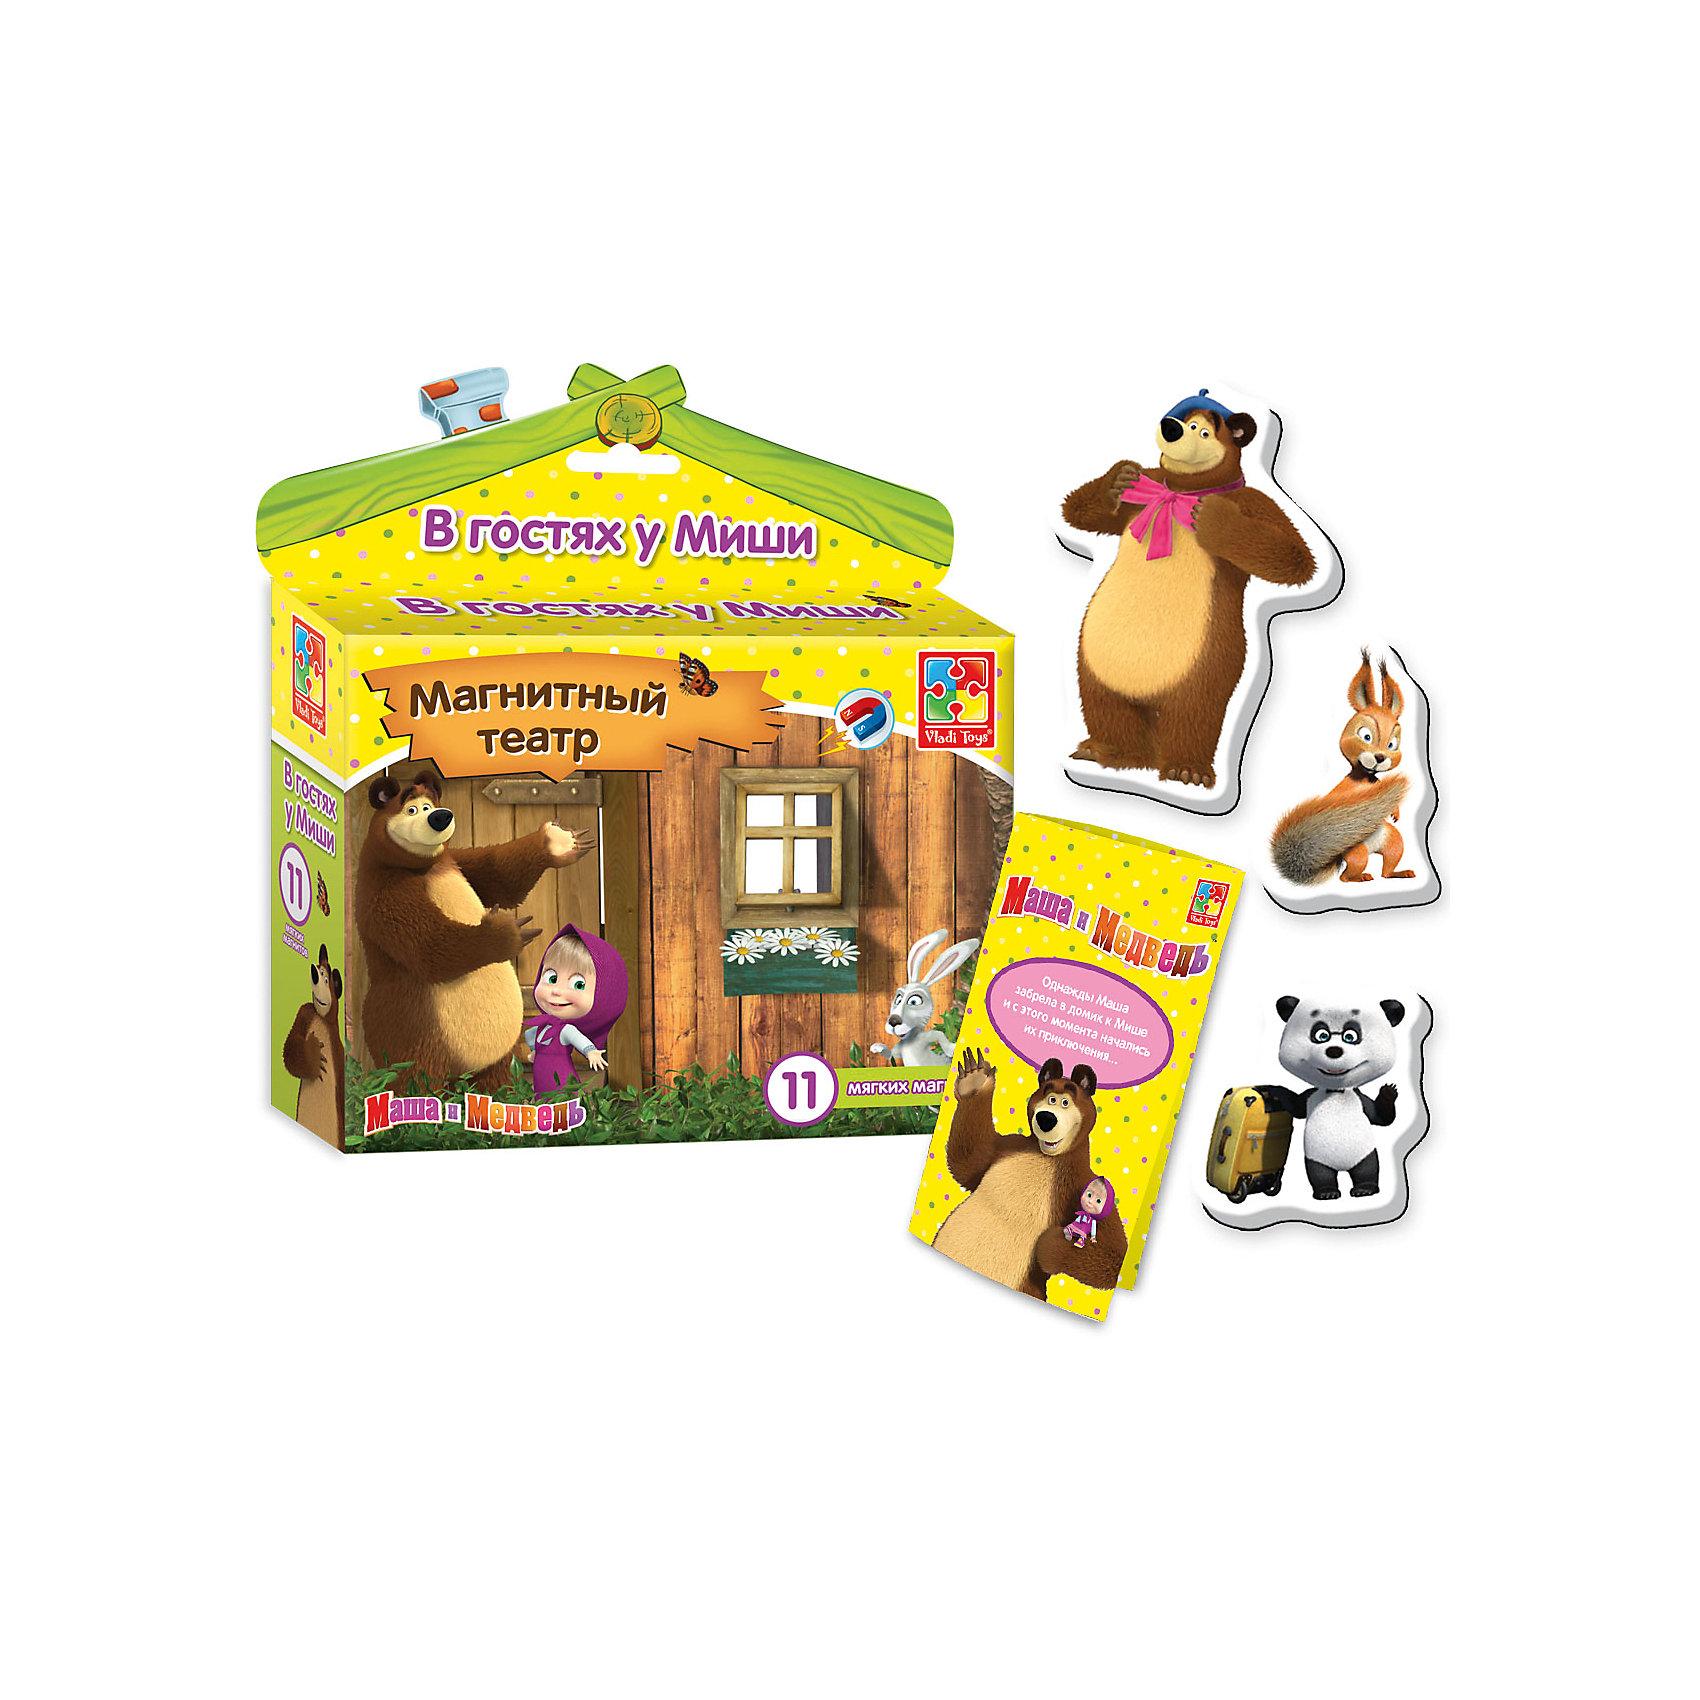 Магнитный театр В гостях у Миши, Маша и Медведь, Vladi ToysИгры для развлечений<br>Характеристики:<br><br>• Вид игр: обучающие, развивающие<br>• Серия: магнитный театр<br>• Пол: универсальный<br>• Материал: картон, магнит<br>• Цвет: голубой, оранжевый, розовый, зеленый, желтый и др.<br>• Комплектация: 11 магнитов, сценарий сказки<br>• Размеры упаковки (Д*Ш*В): 16,6*4,5*19 см<br>• Тип упаковки: картонная коробка<br>• Вес в упаковке: 118 г<br><br>Магнитный театр В гостях у Миши, Маша и Медведь, Vladi Toys, производителем которых является компания, специализирующаяся на выпуске развивающих игр, давно уже стали популярными среди аналогичной продукции. Театральные постановки в детских играх – это залог его творческого развития ребенка. При производстве карточек использованы только экологически безопасные материалы, которые не вызывают аллергии и не имеют запаха. Магнитный театр Маша и медведь состоит из 10 ярких картинок, которые позволят воспроизвести любимые сюжеты из популярного мультфильма. В комплекте предусмотрен сценарий одной сказки.<br>Игры с магнитным театром В гостях у Миши, Маша и Медведь, Vladi Toys позволят вашему ребенку развивать связную речь, обогащать словарный запас и постигать актерское искусство не выходя из дома!<br><br>Магнитный театр В гостях у Миши, Маша и Медведь можно купить в нашем интернет-магазине.<br><br>Ширина мм: 166<br>Глубина мм: 45<br>Высота мм: 190<br>Вес г: 118<br>Возраст от месяцев: 24<br>Возраст до месяцев: 60<br>Пол: Унисекс<br>Возраст: Детский<br>SKU: 5136112